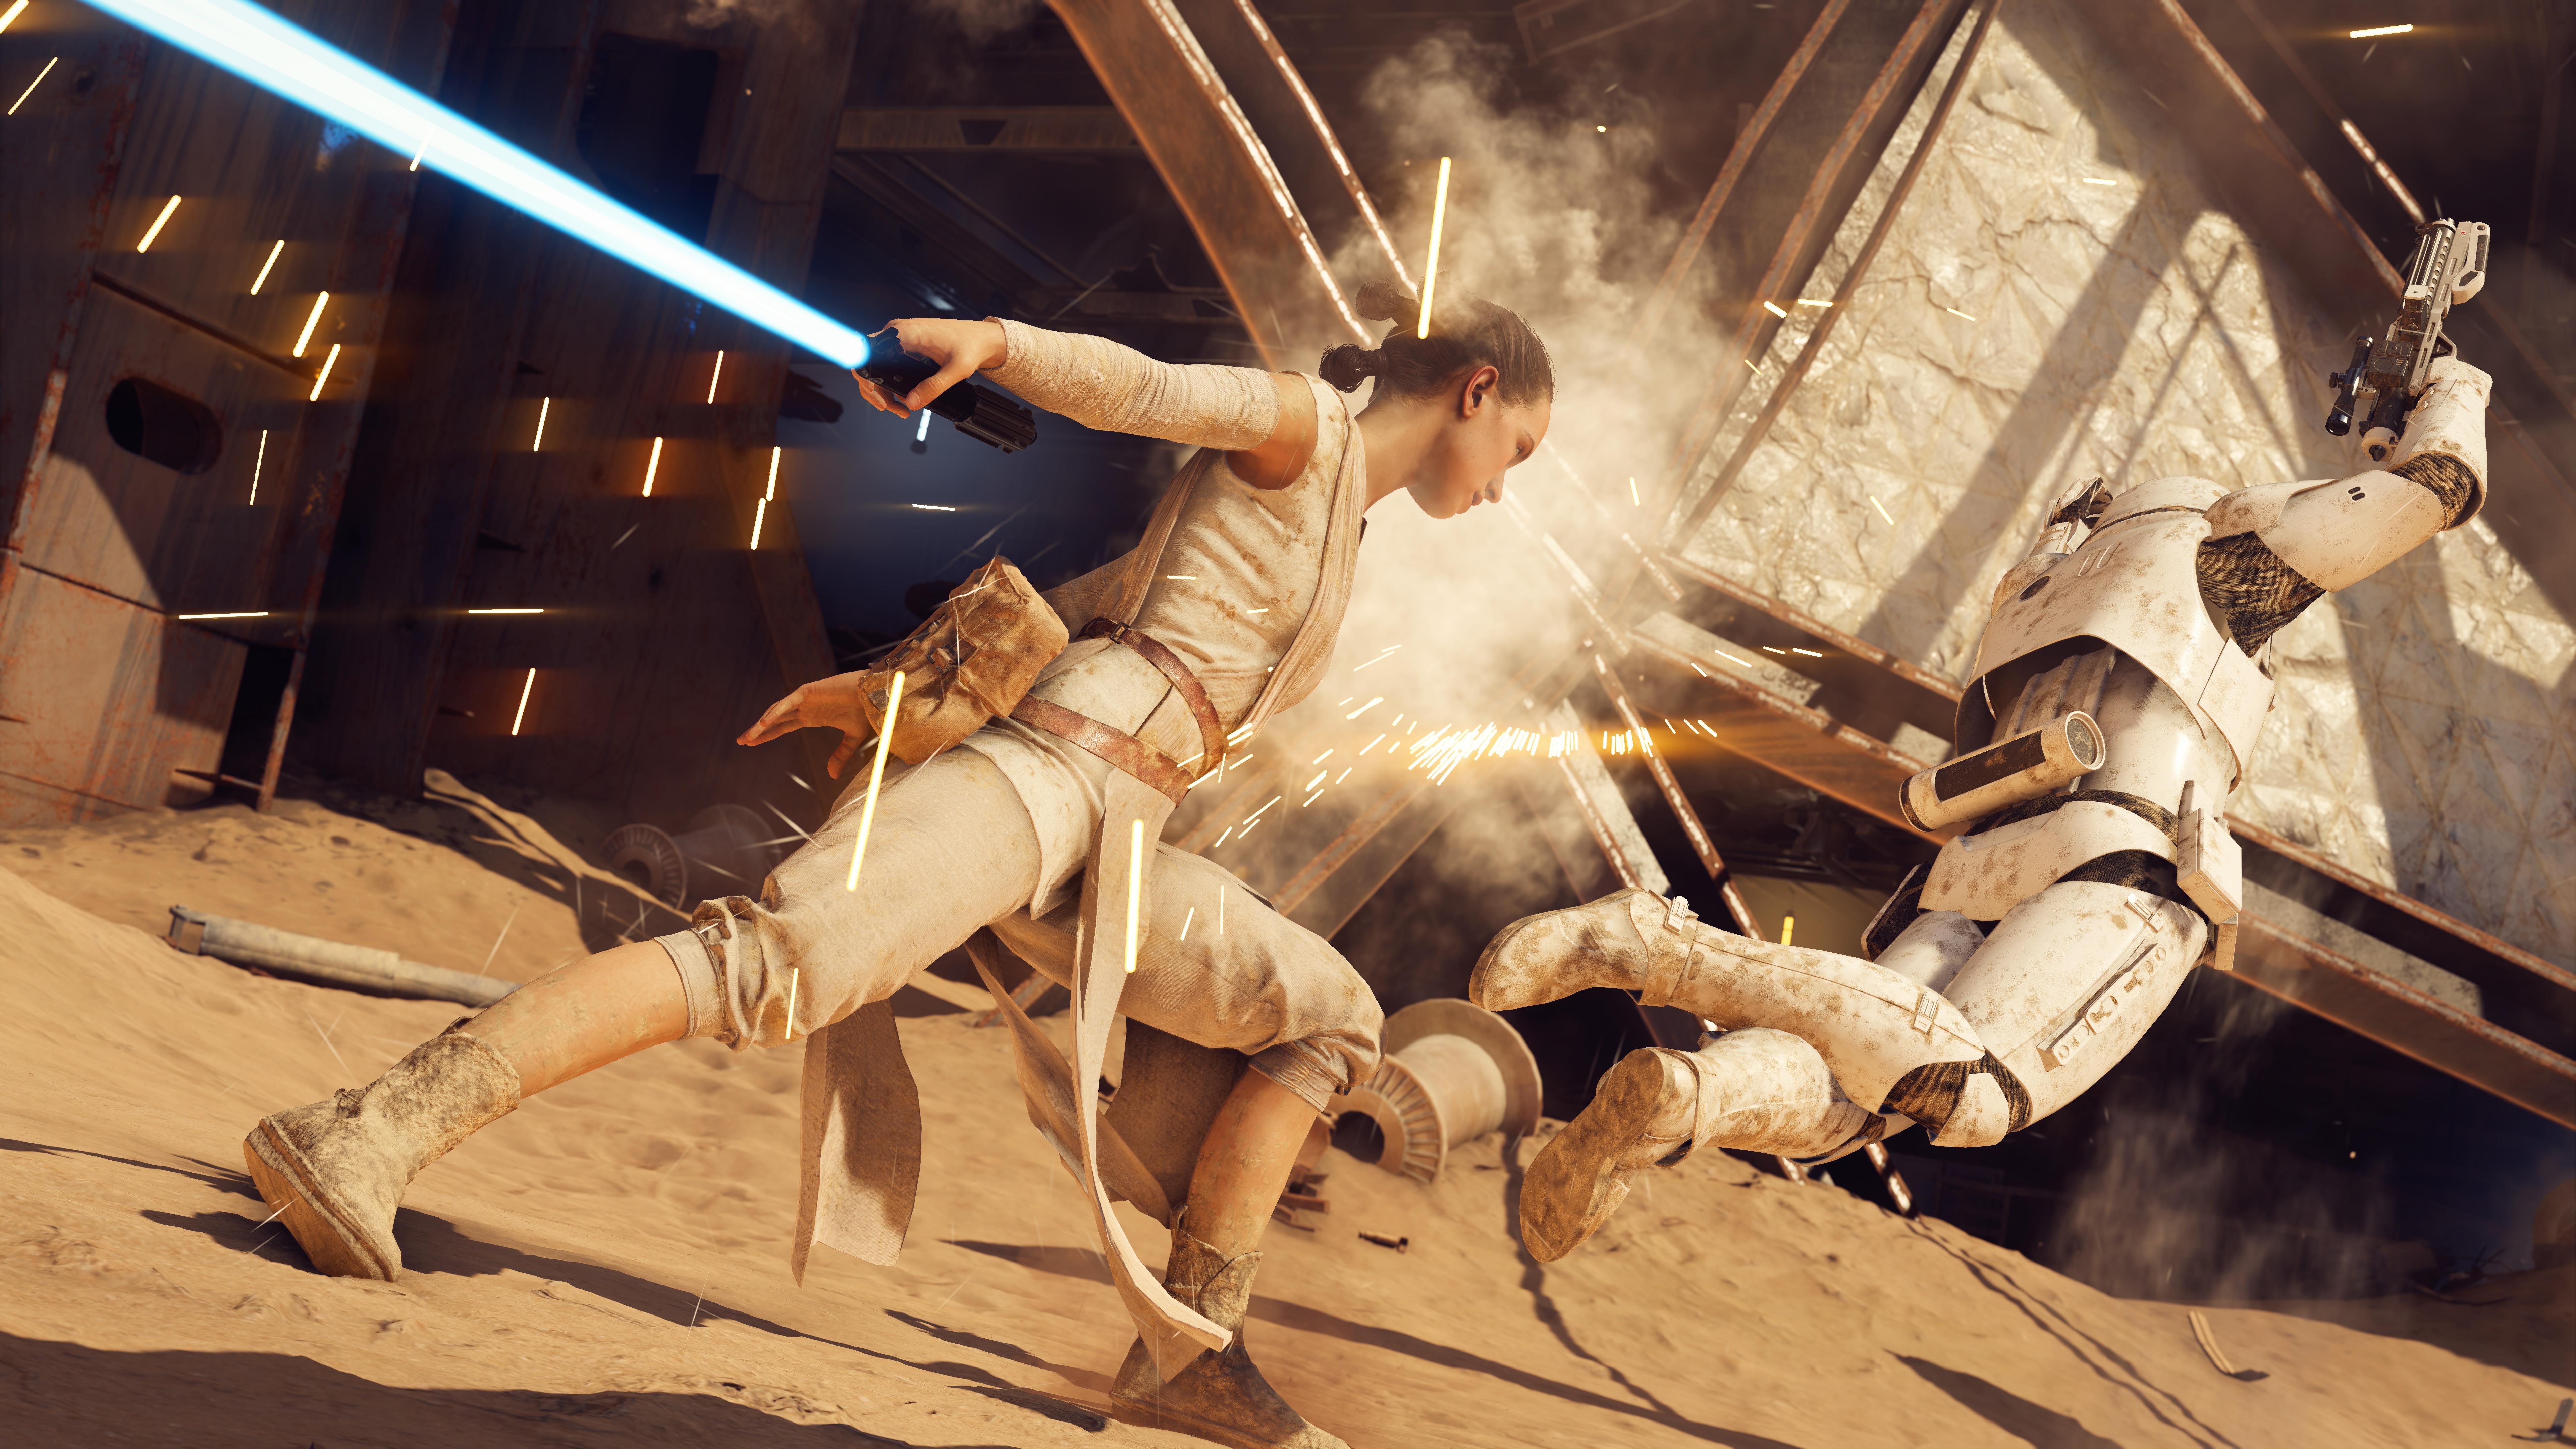 Star Wars Battlefront 2 Background: Rey Star Wars Battlefront II 8k, HD Games, 4k Wallpapers